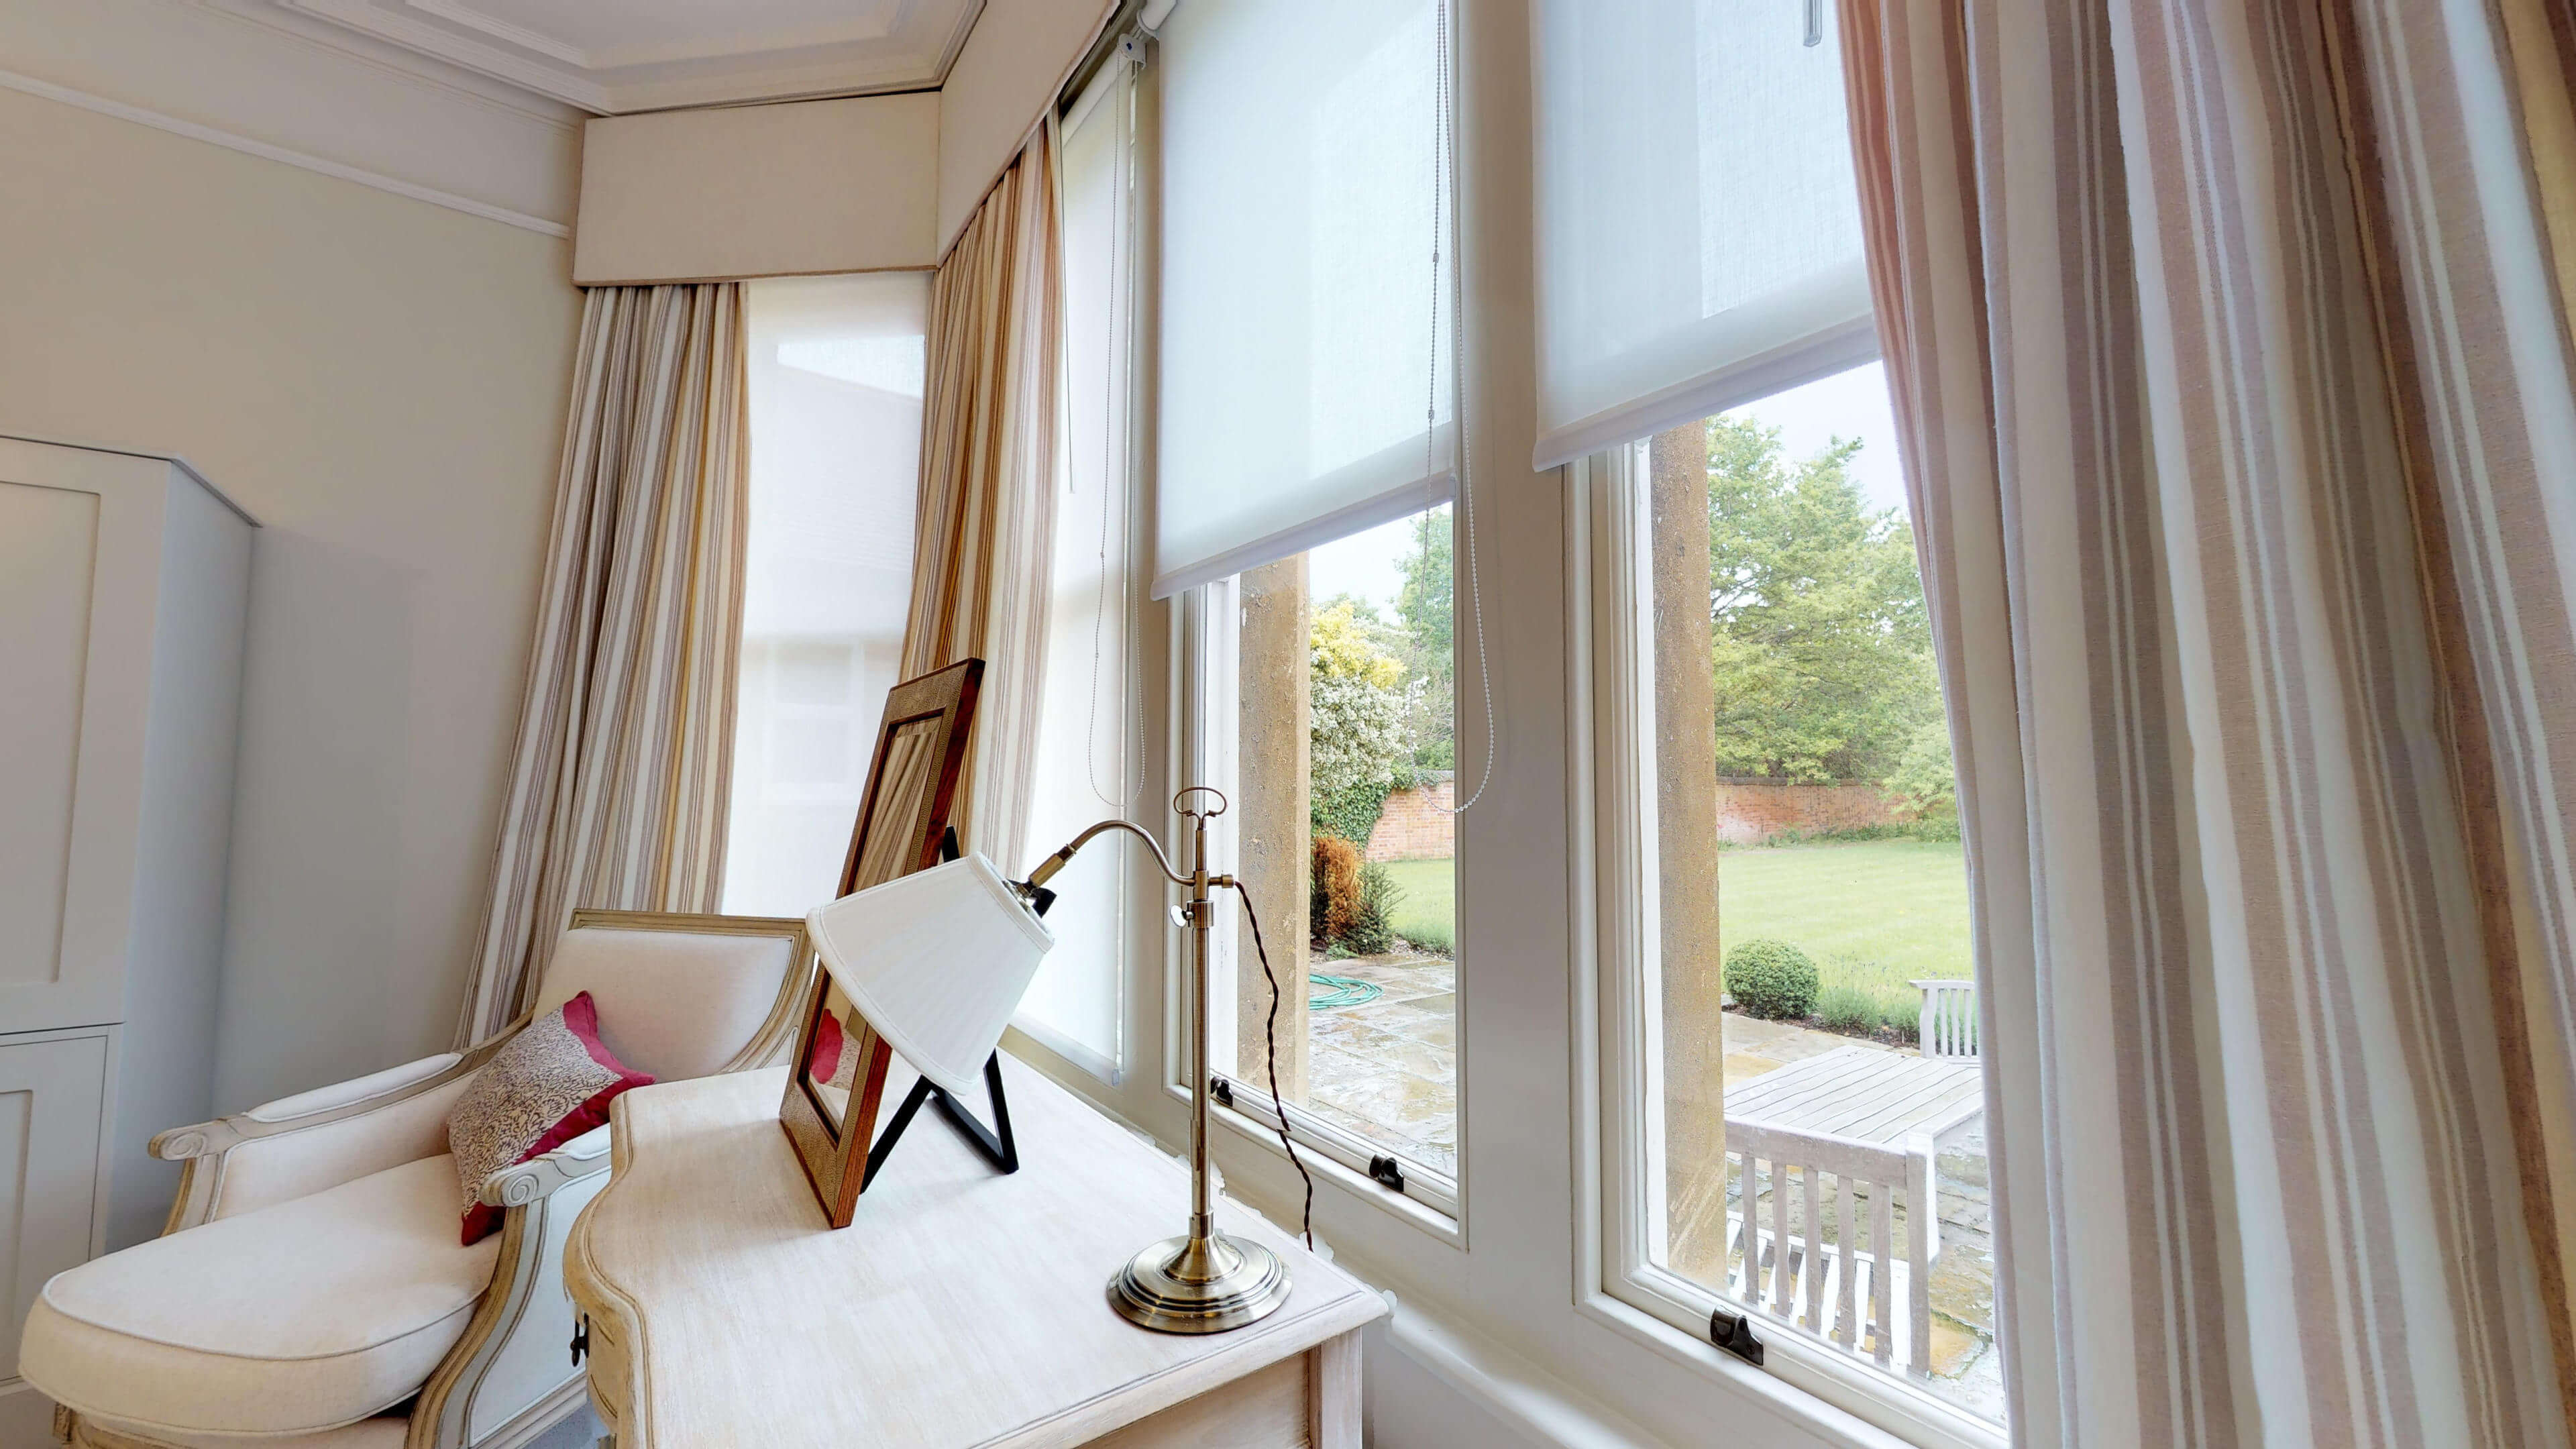 Rawlinson Road Garden Suite 06272019 082206